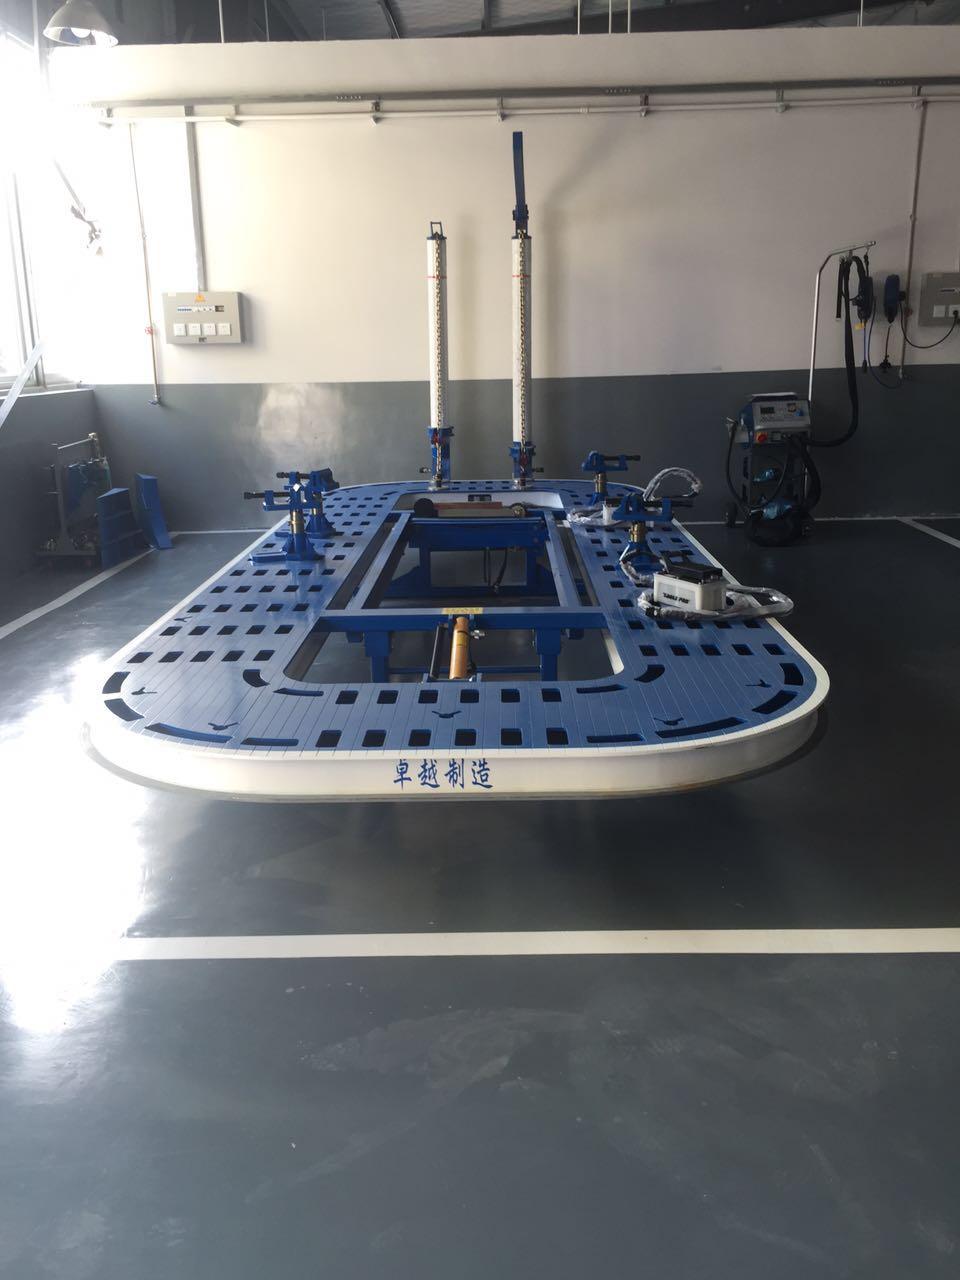 襄阳双板侧滑试验台公司讲述汽车检测线对气缸使用状况